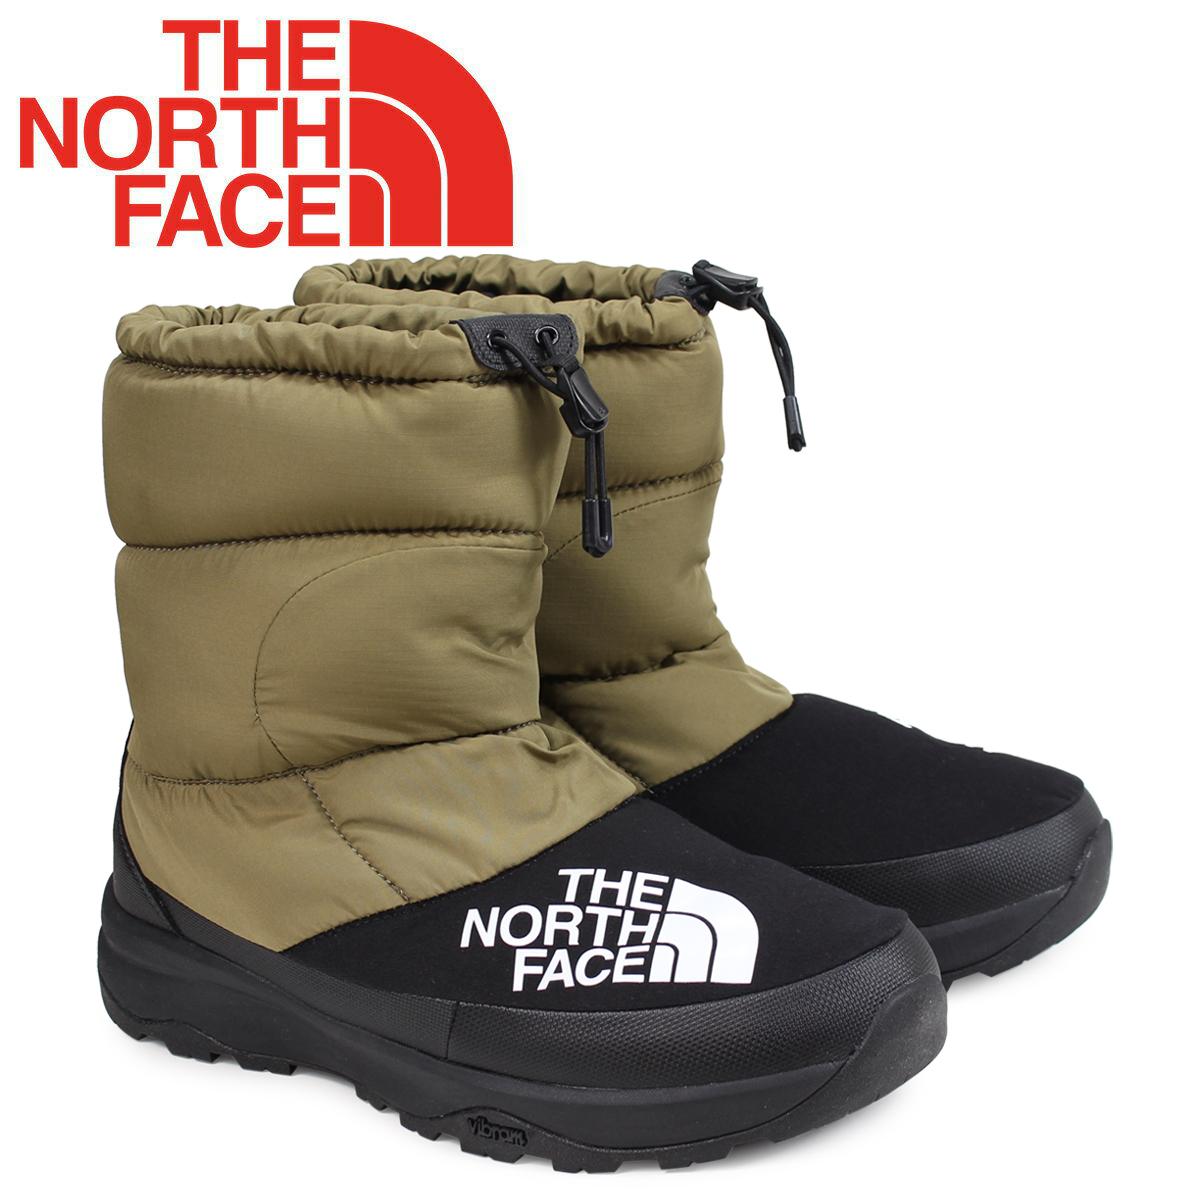 ノースフェイス THE NORTH THE FACE ヌプシダウンブーティ ブーツ メンズ NUPTSE NORTH DOWN NF51877 BOOTIE カーキ NF51877, 龍ケ崎市:8be71a3e --- 2017.goldenesbrett.at